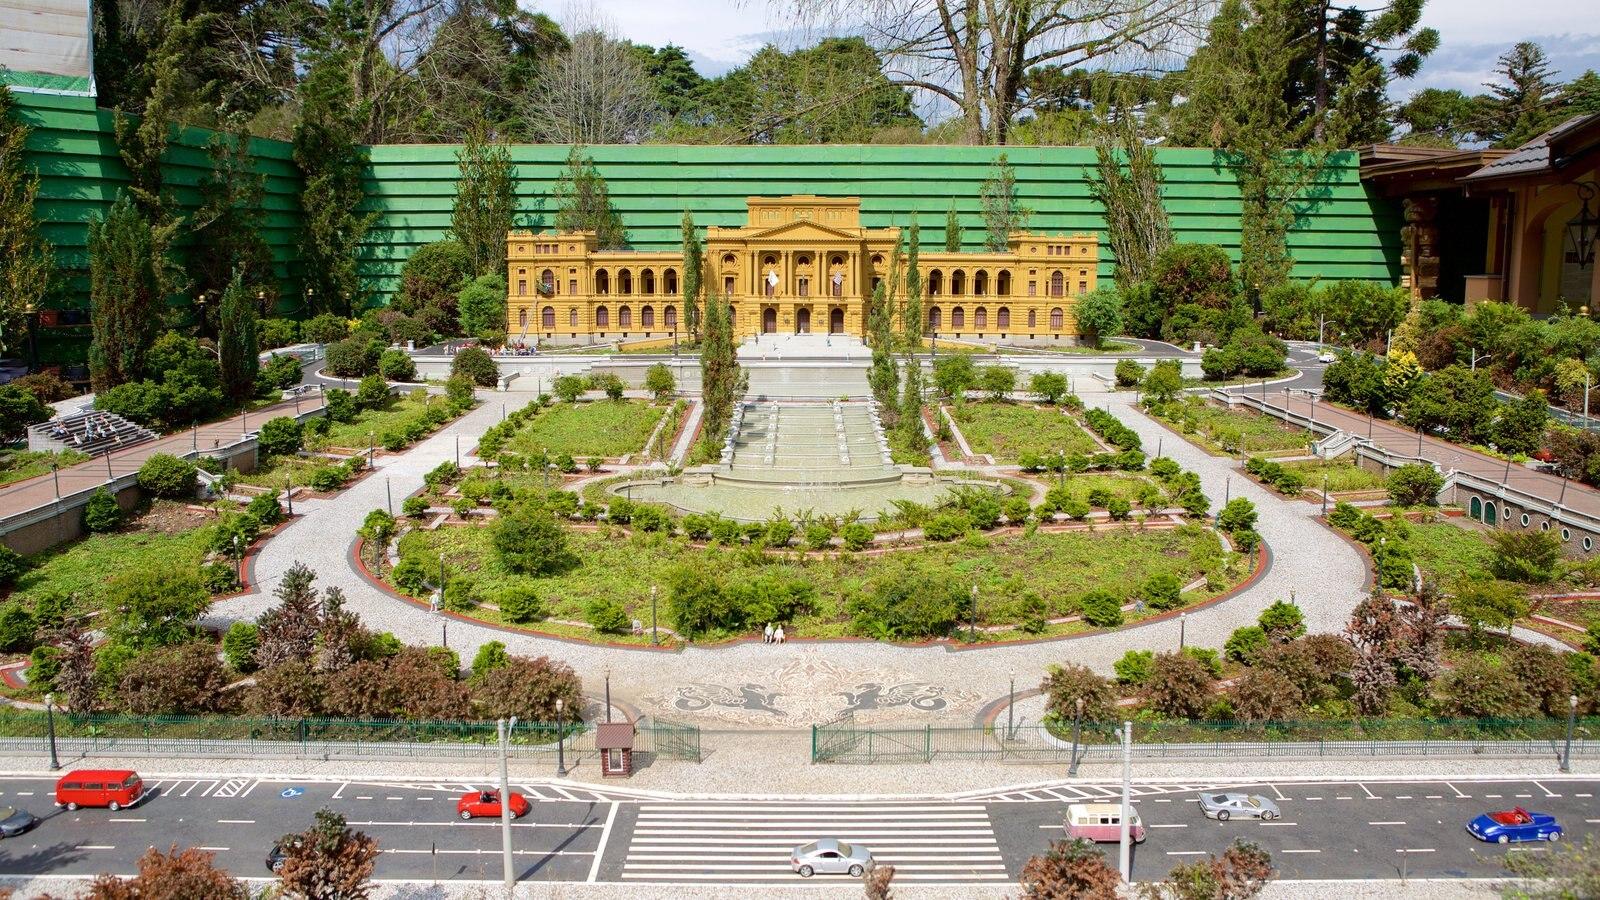 Mini Mundo mostrando arquitetura de patrimônio e um parque